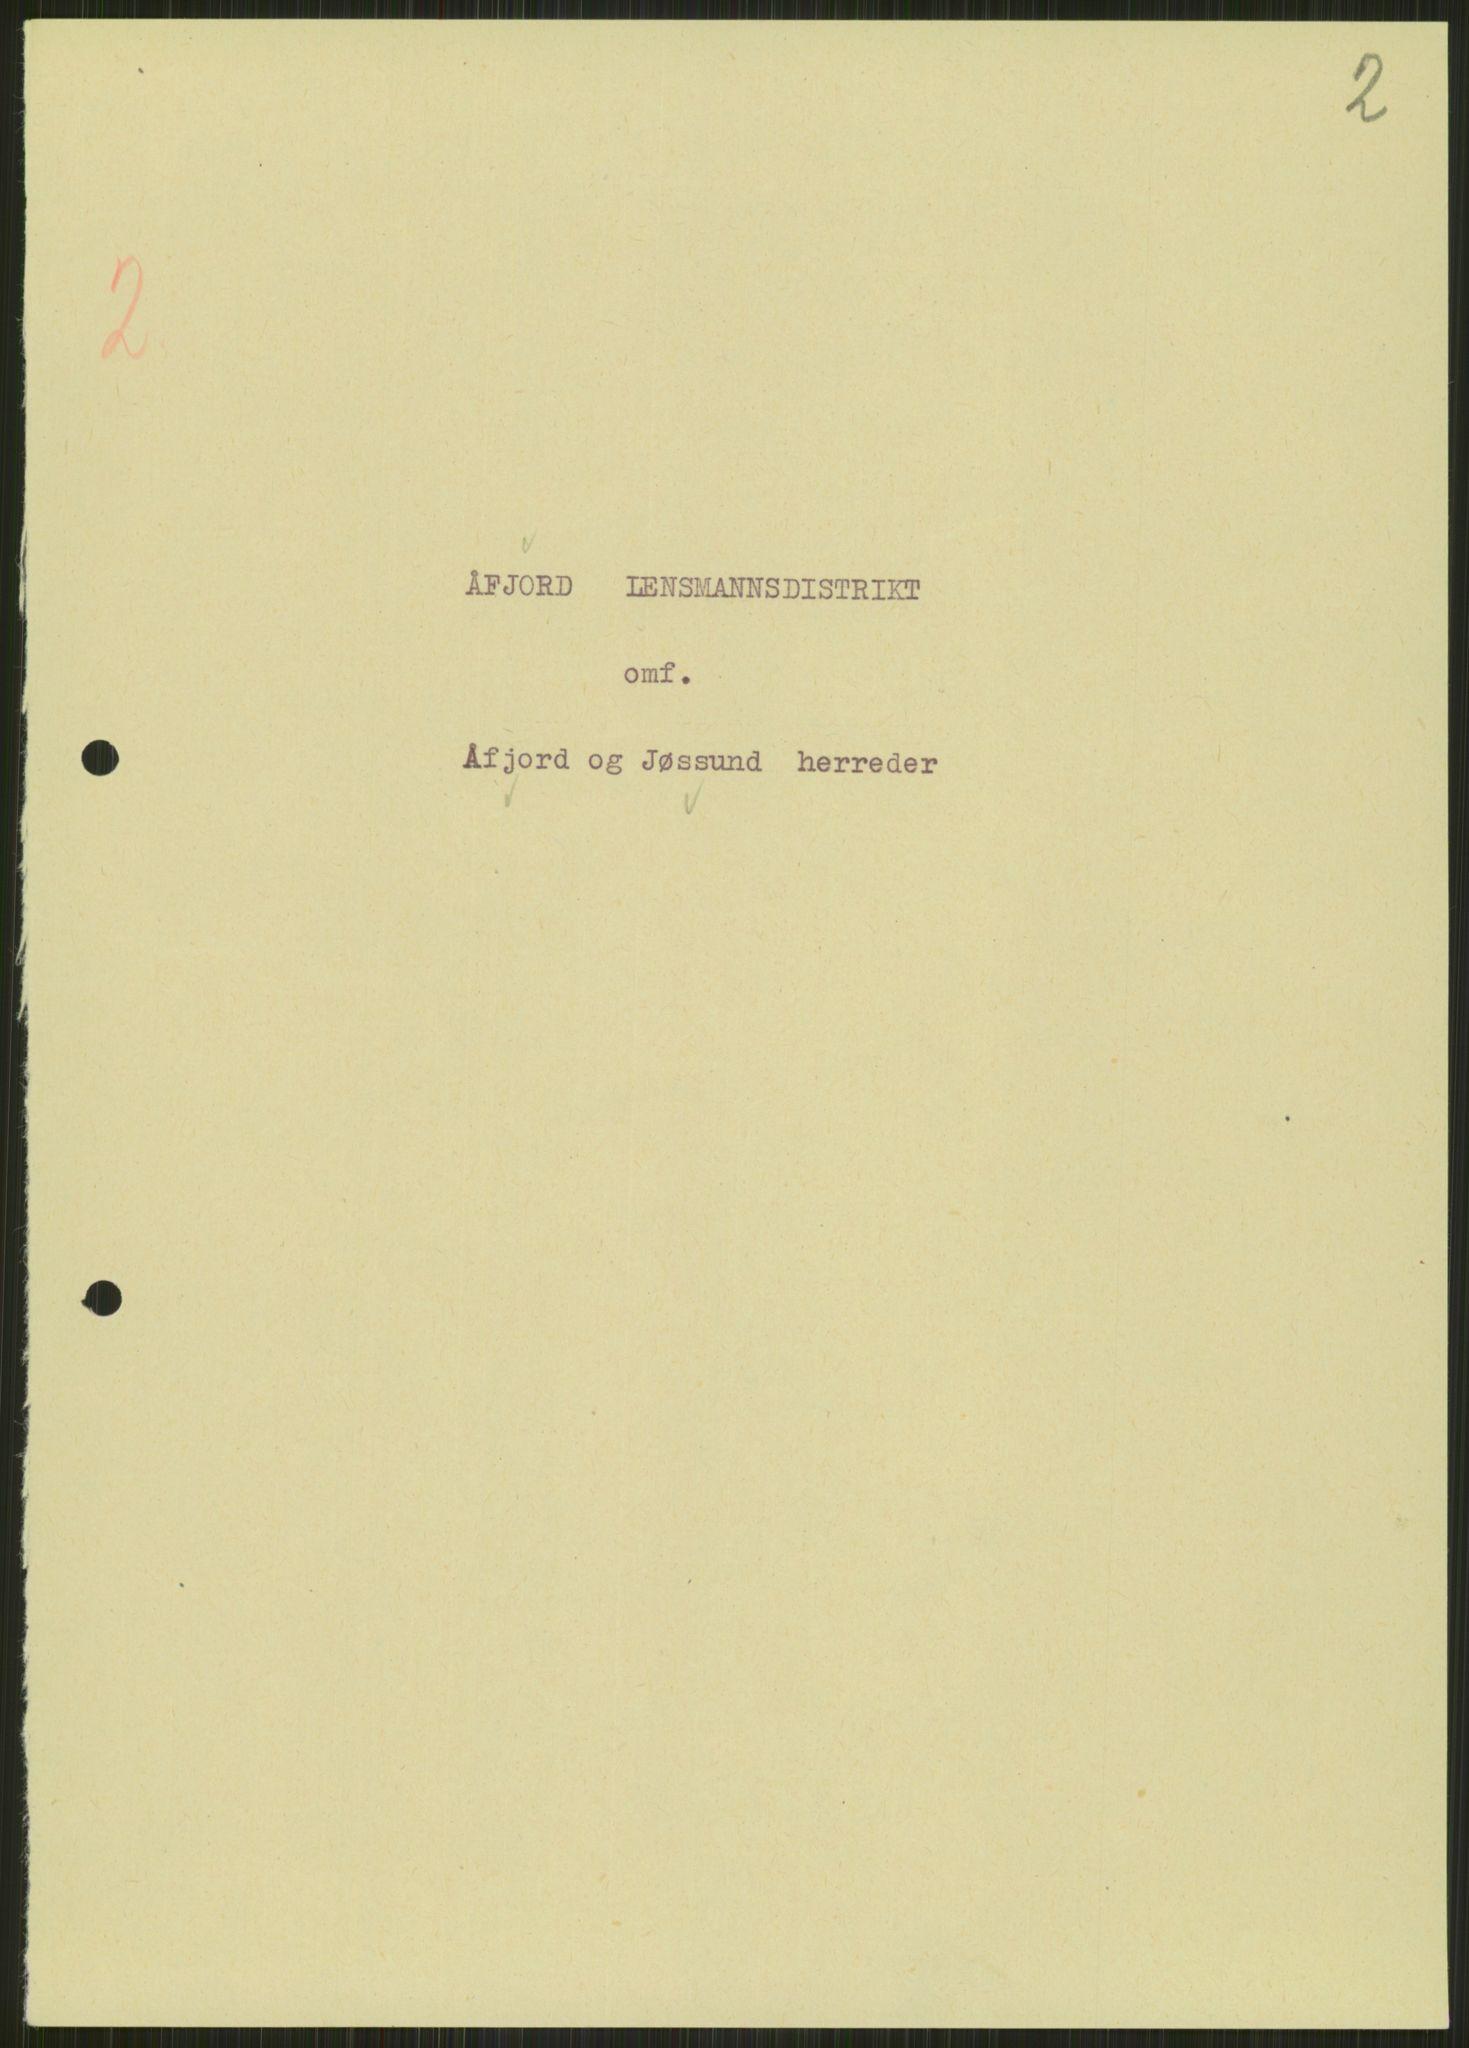 RA, Forsvaret, Forsvarets krigshistoriske avdeling, Y/Ya/L0016: II-C-11-31 - Fylkesmenn.  Rapporter om krigsbegivenhetene 1940., 1940, s. 16